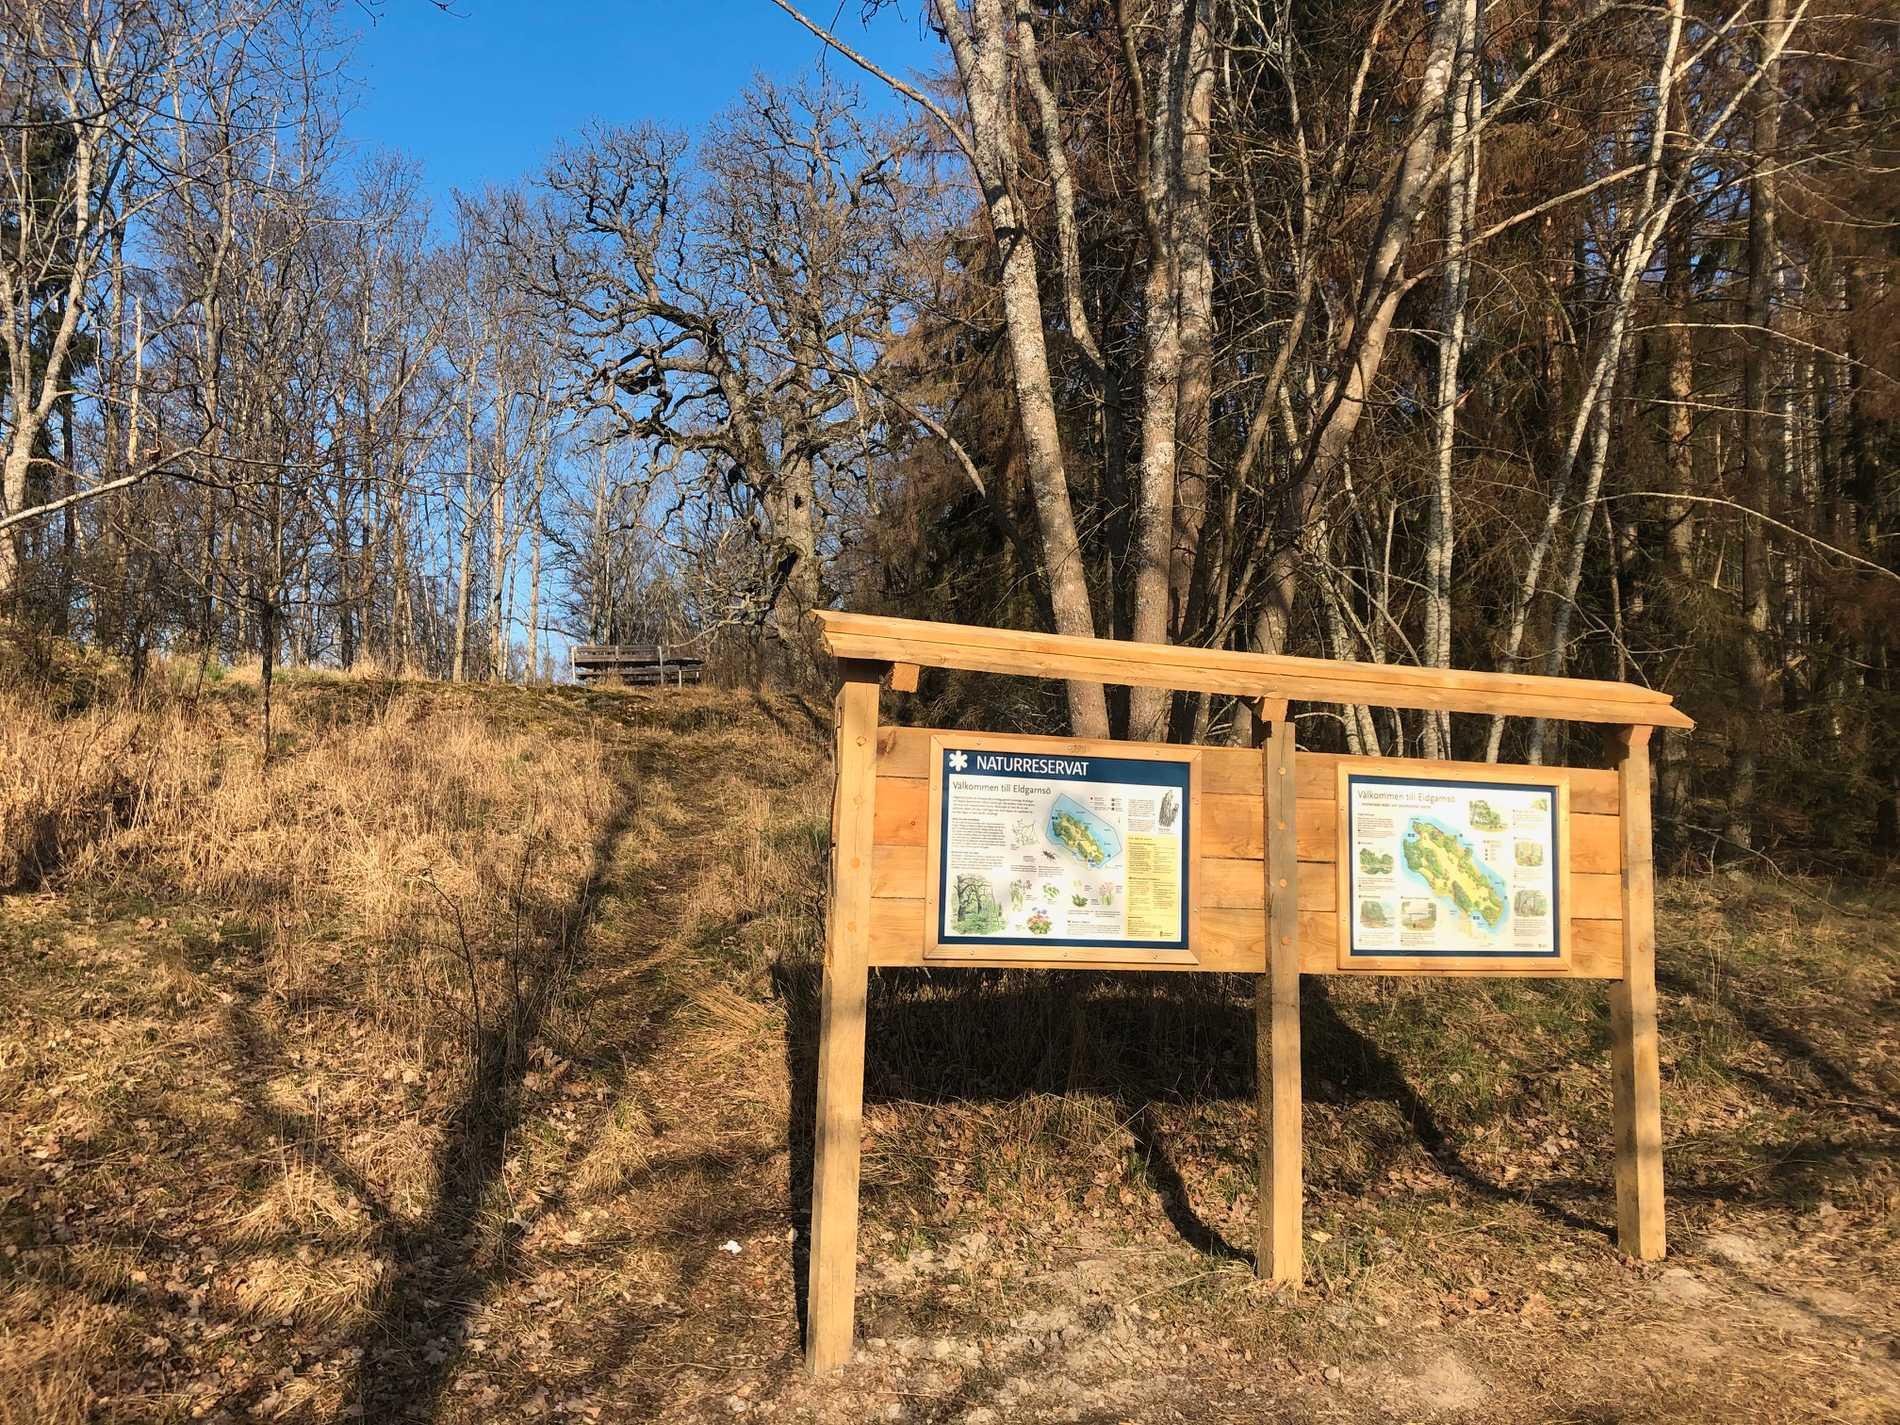 Naturereservatet på Eldgarnsö blir allt mer populärt enligt Länsstyrelsen Stockholm.